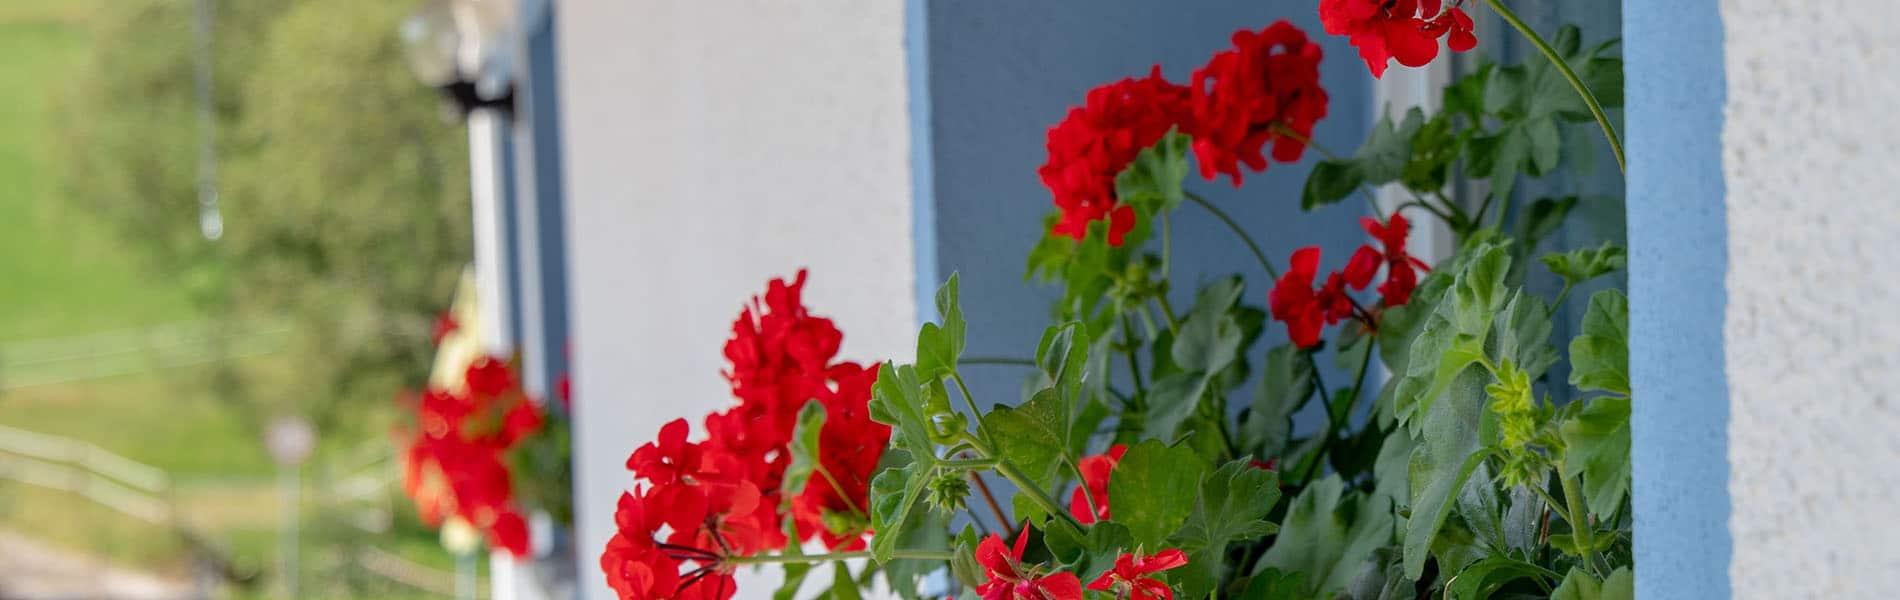 Blaue Fensterrahmen Geranien Josenmuehle